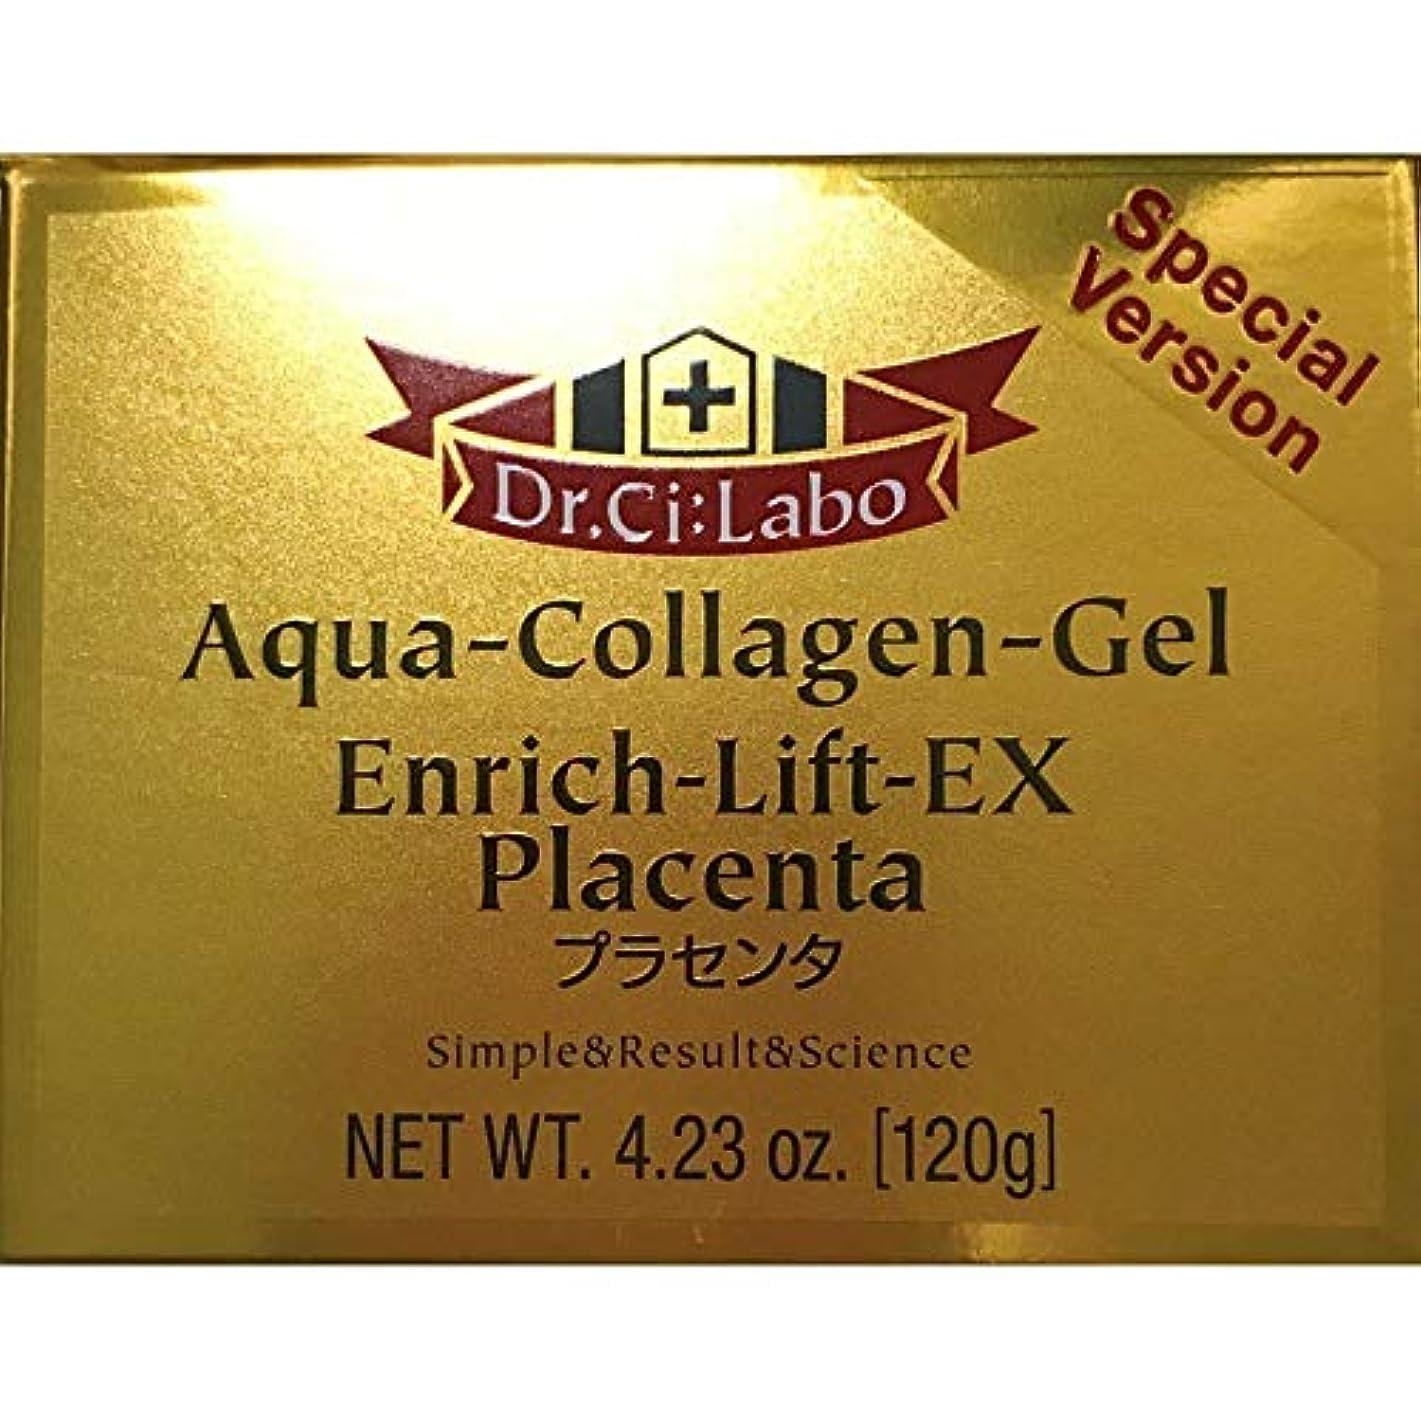 ポイントフレキシブル汚染ドクターシーラボ アクアコラーゲンゲル エンリッチリフトEX プラセンタ 120g